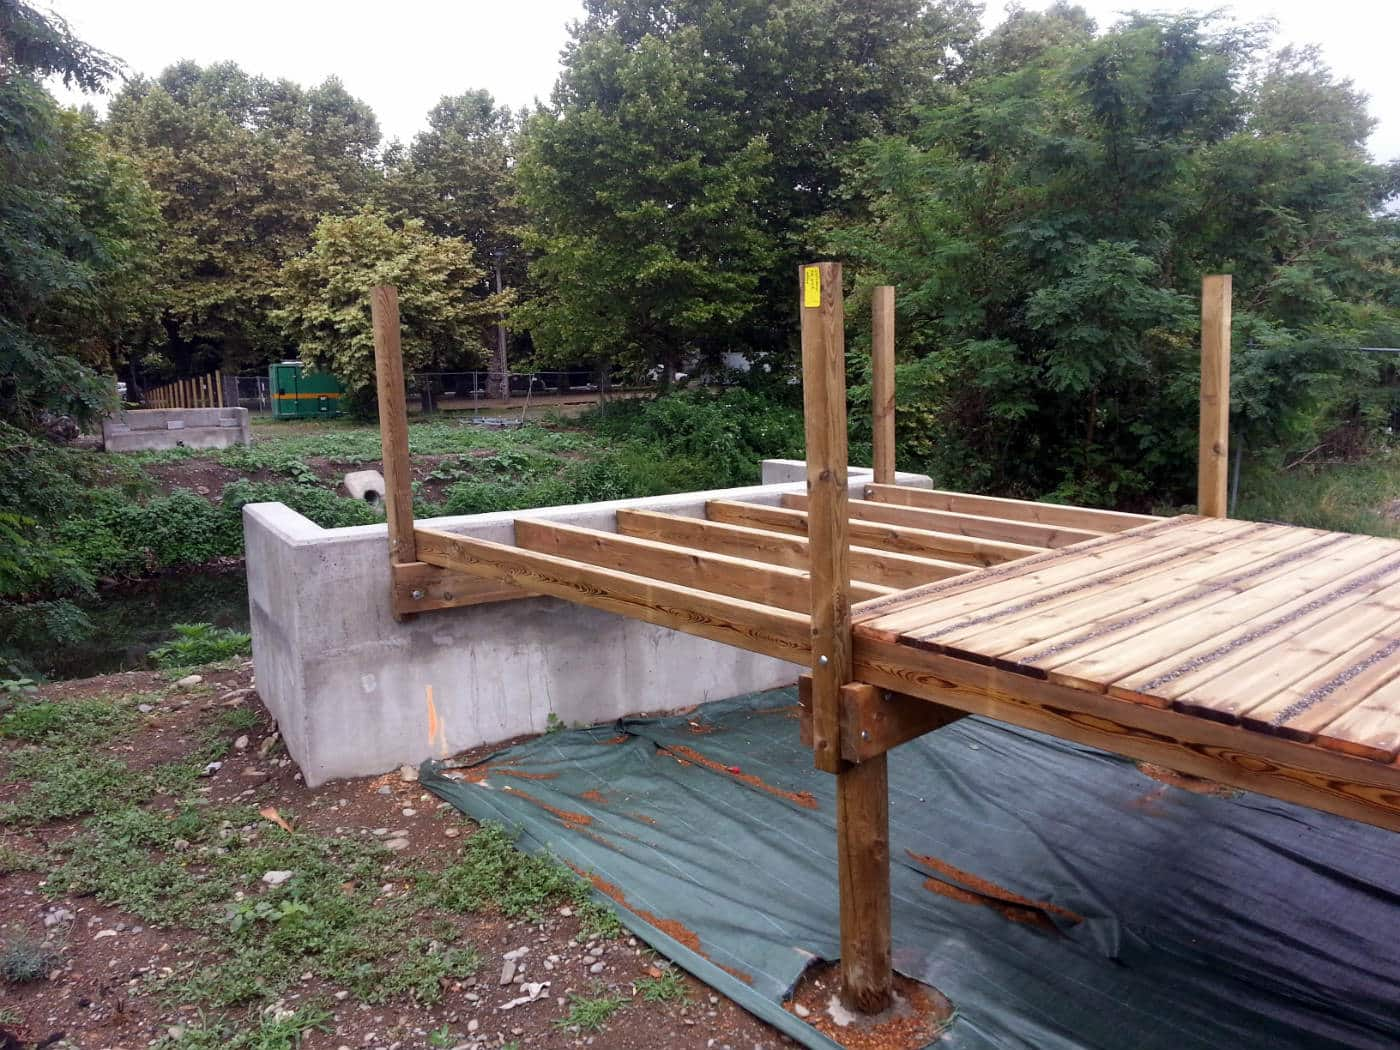 Ponton en bois et support béton pour la passerelle